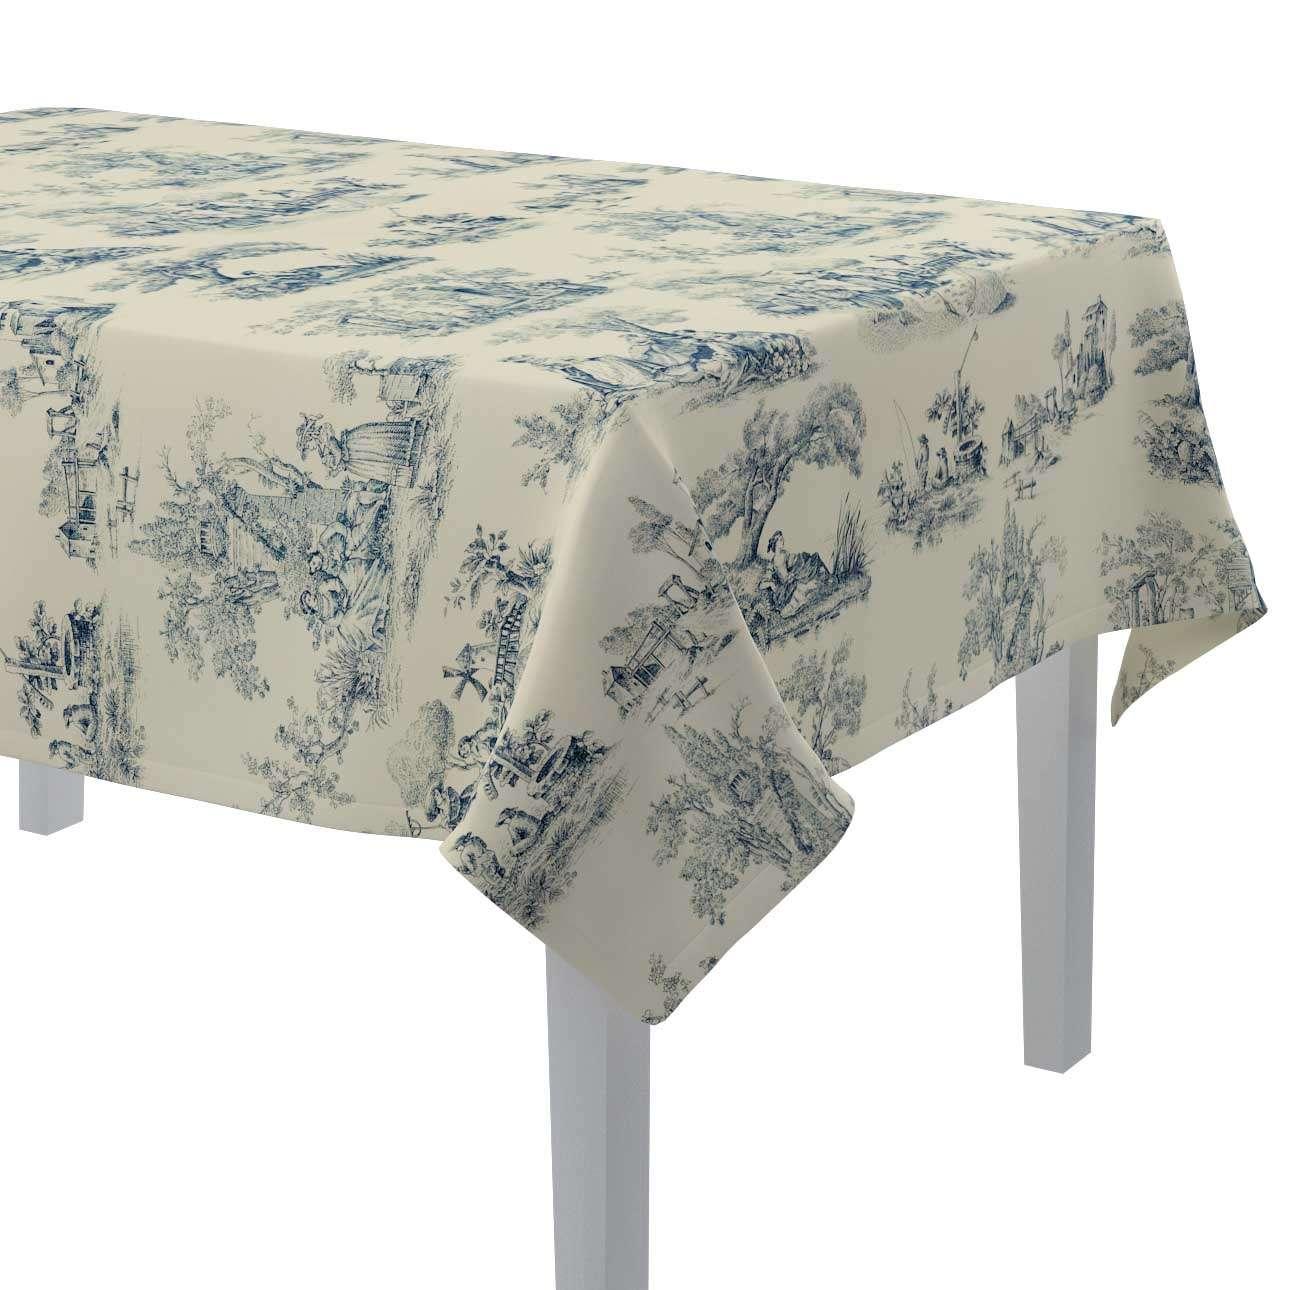 Obrus na stôl obdĺžnikový 130 x 130 cm V kolekcii Avinon, tkanina: 132-66